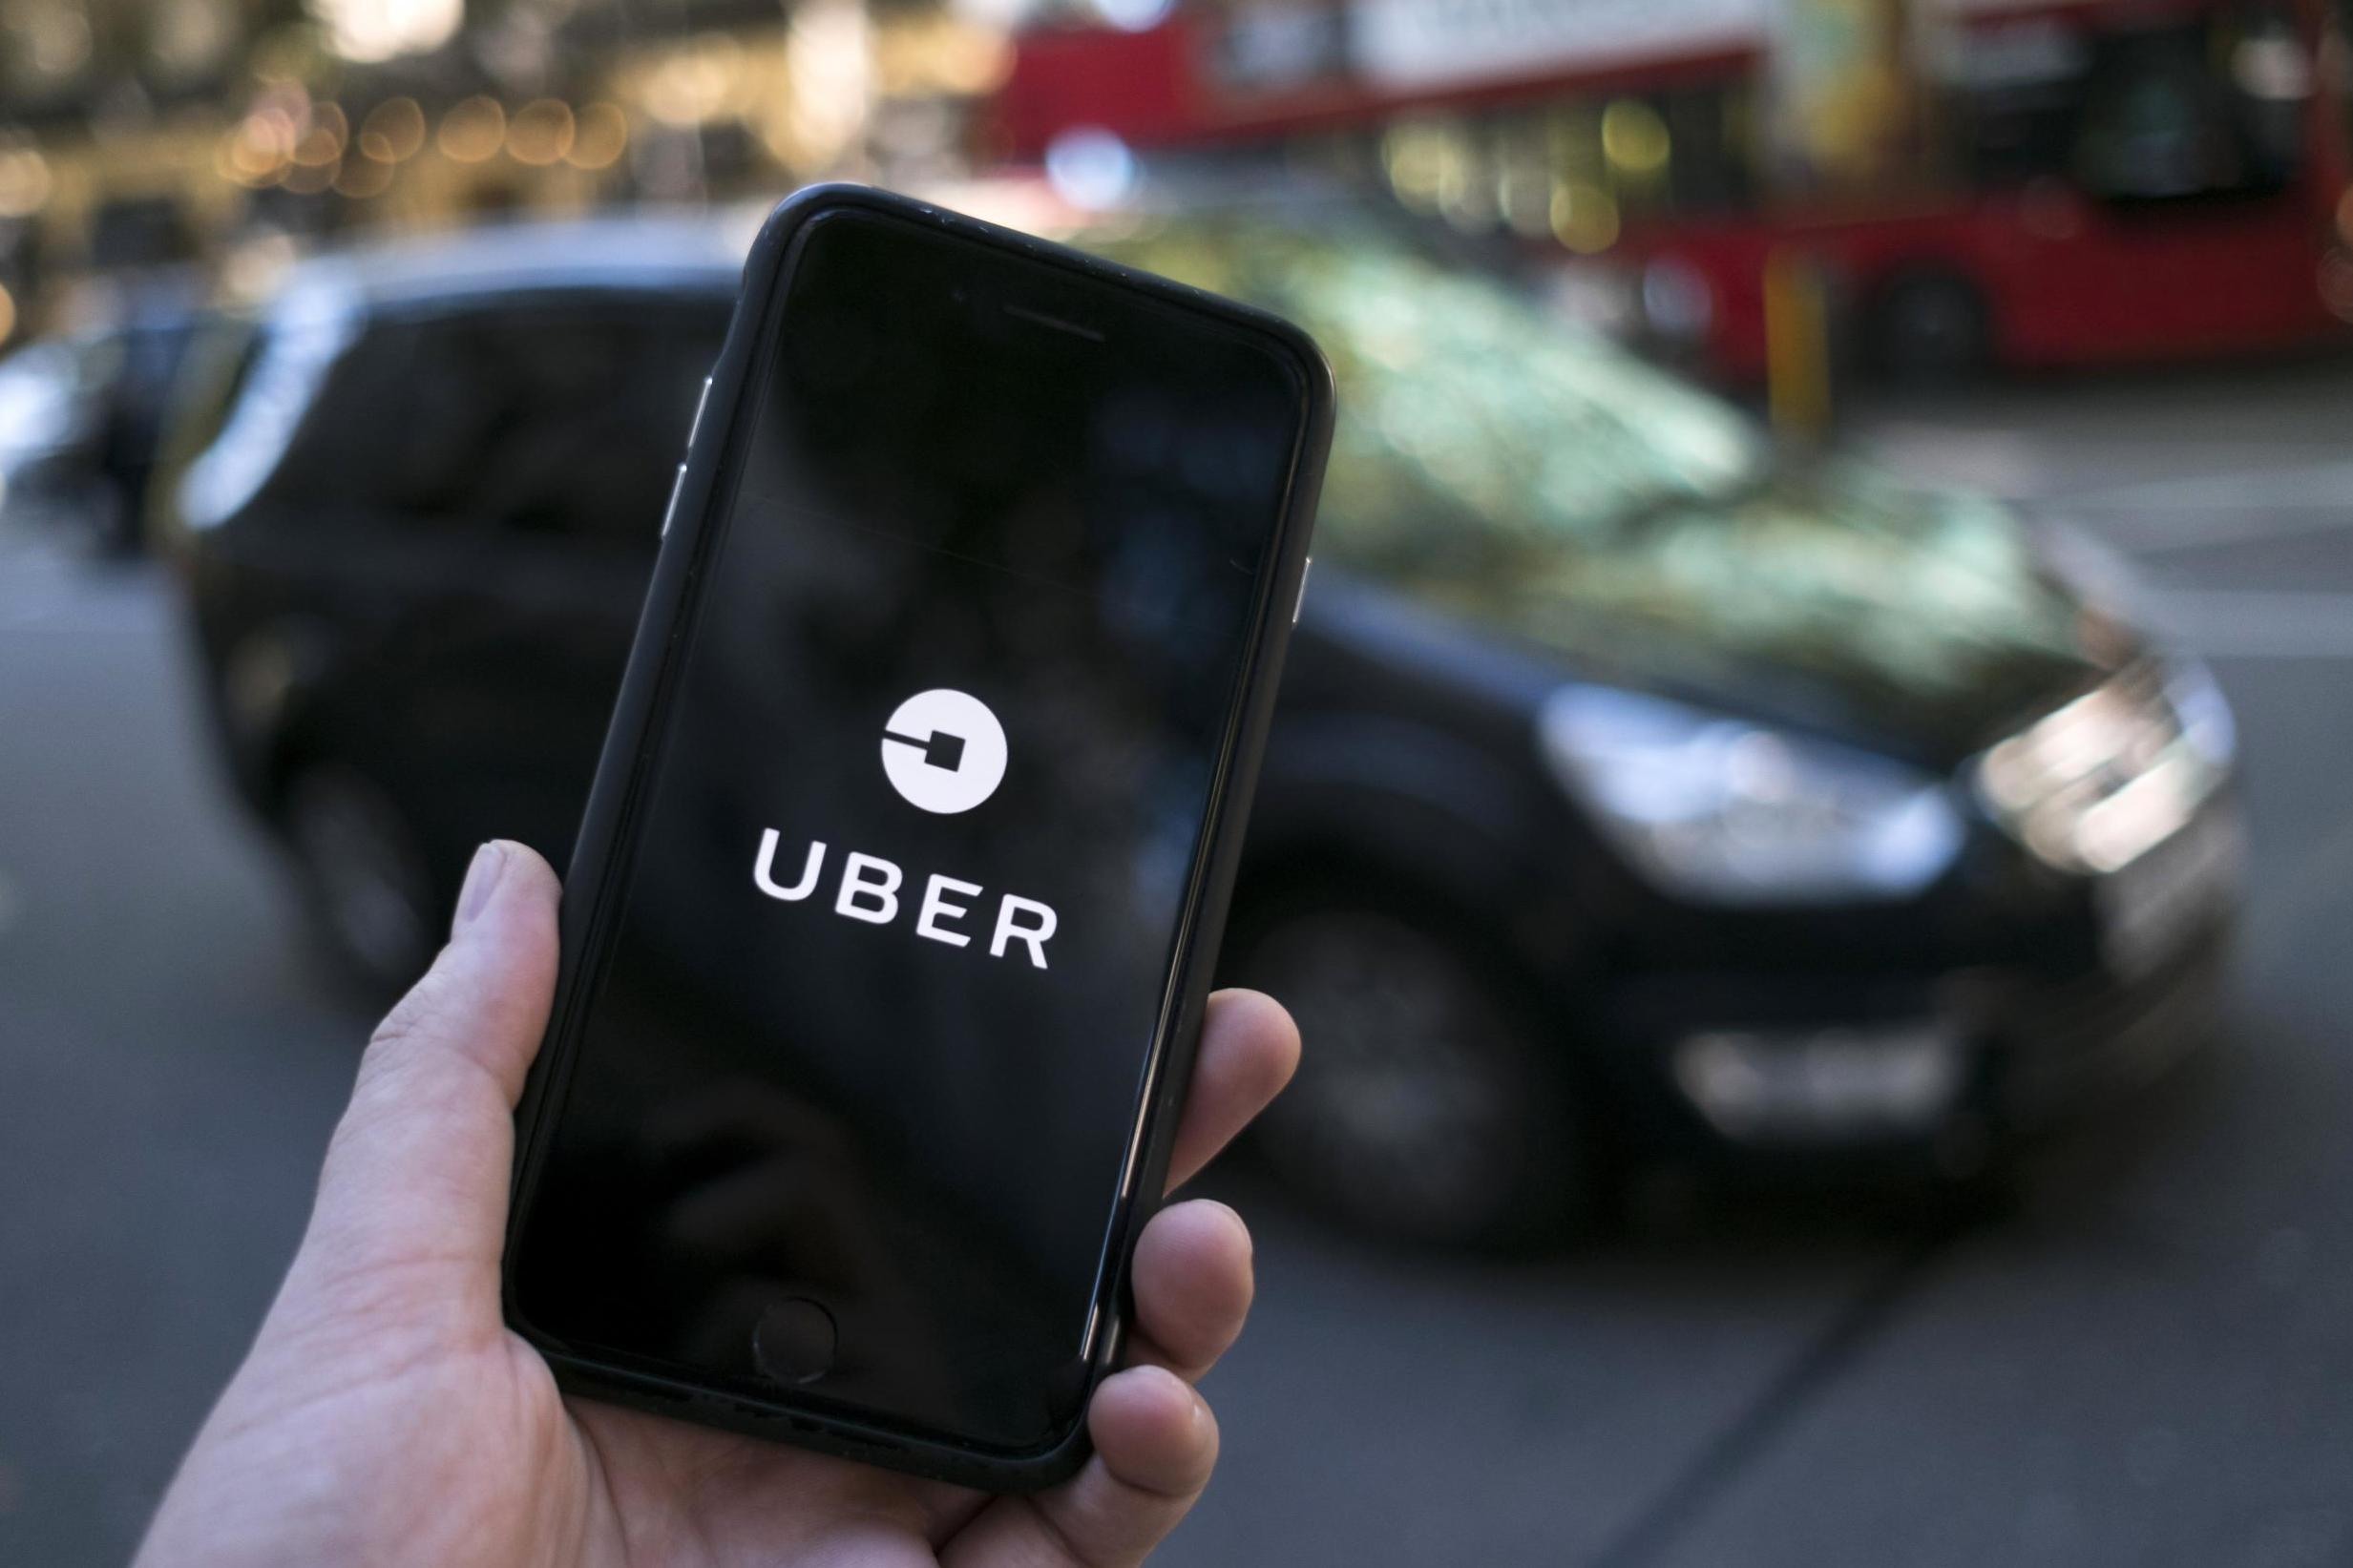 uber2209a.jpg